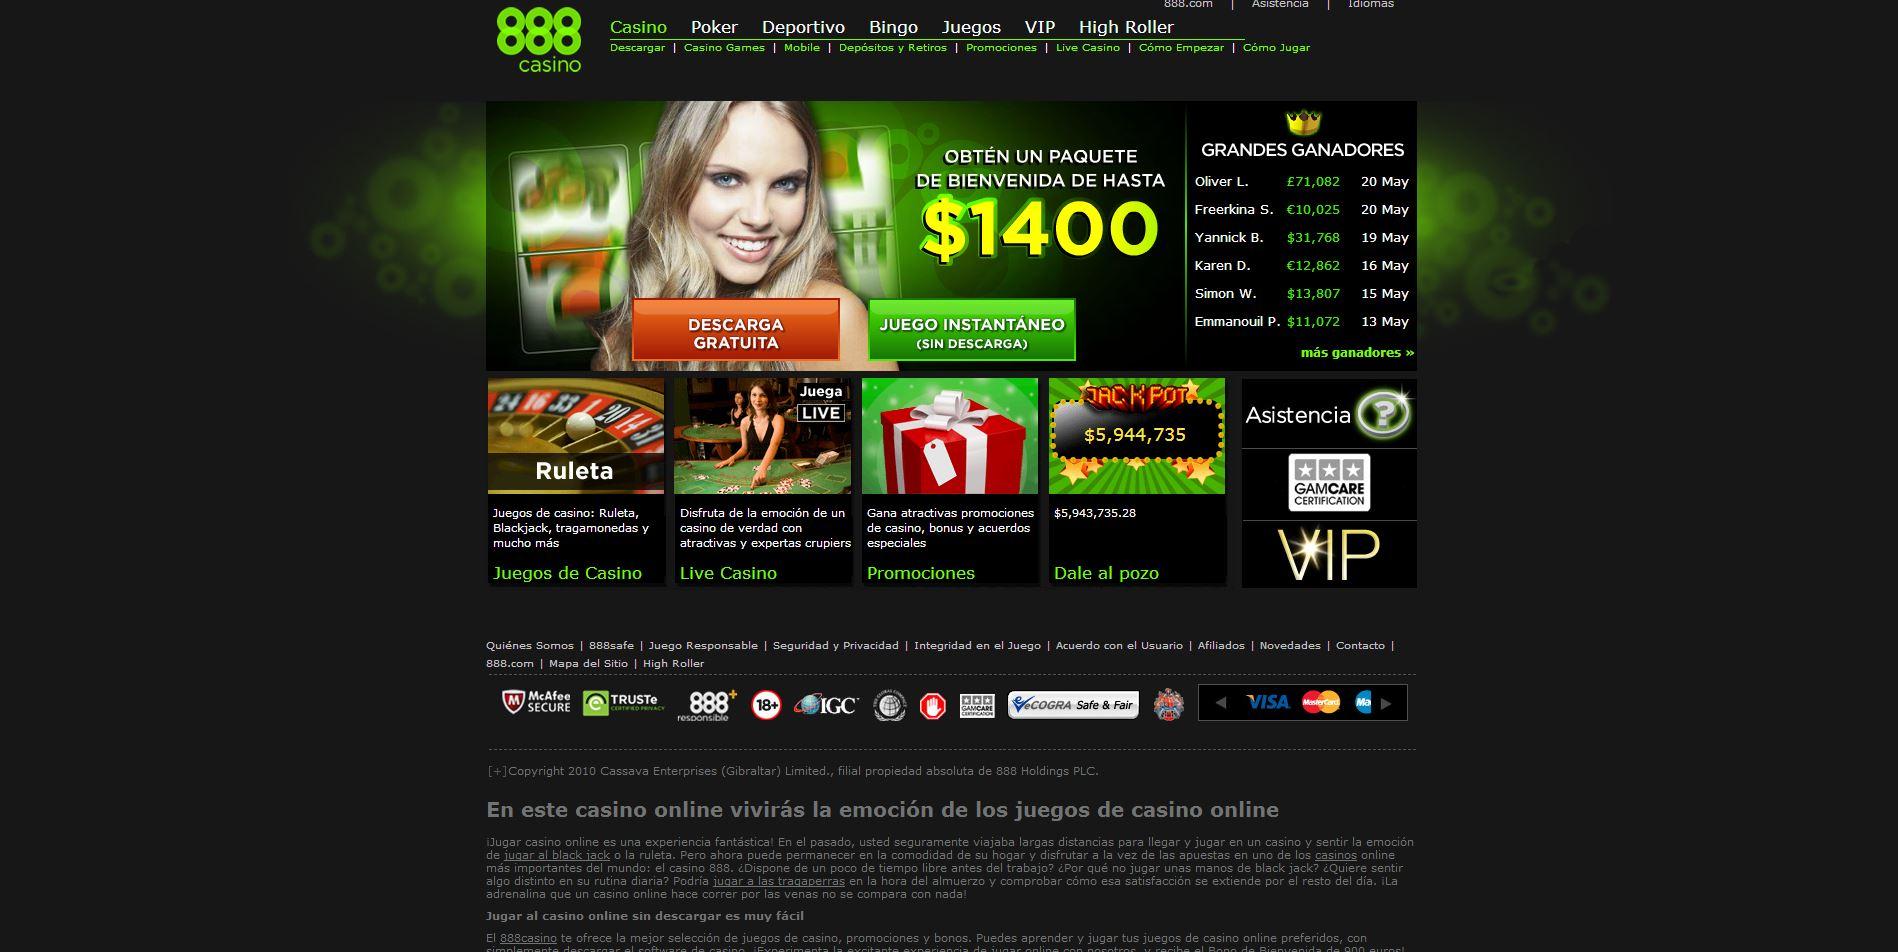 Casino Madrid premios 888 juegos de gratis para jugar-157464